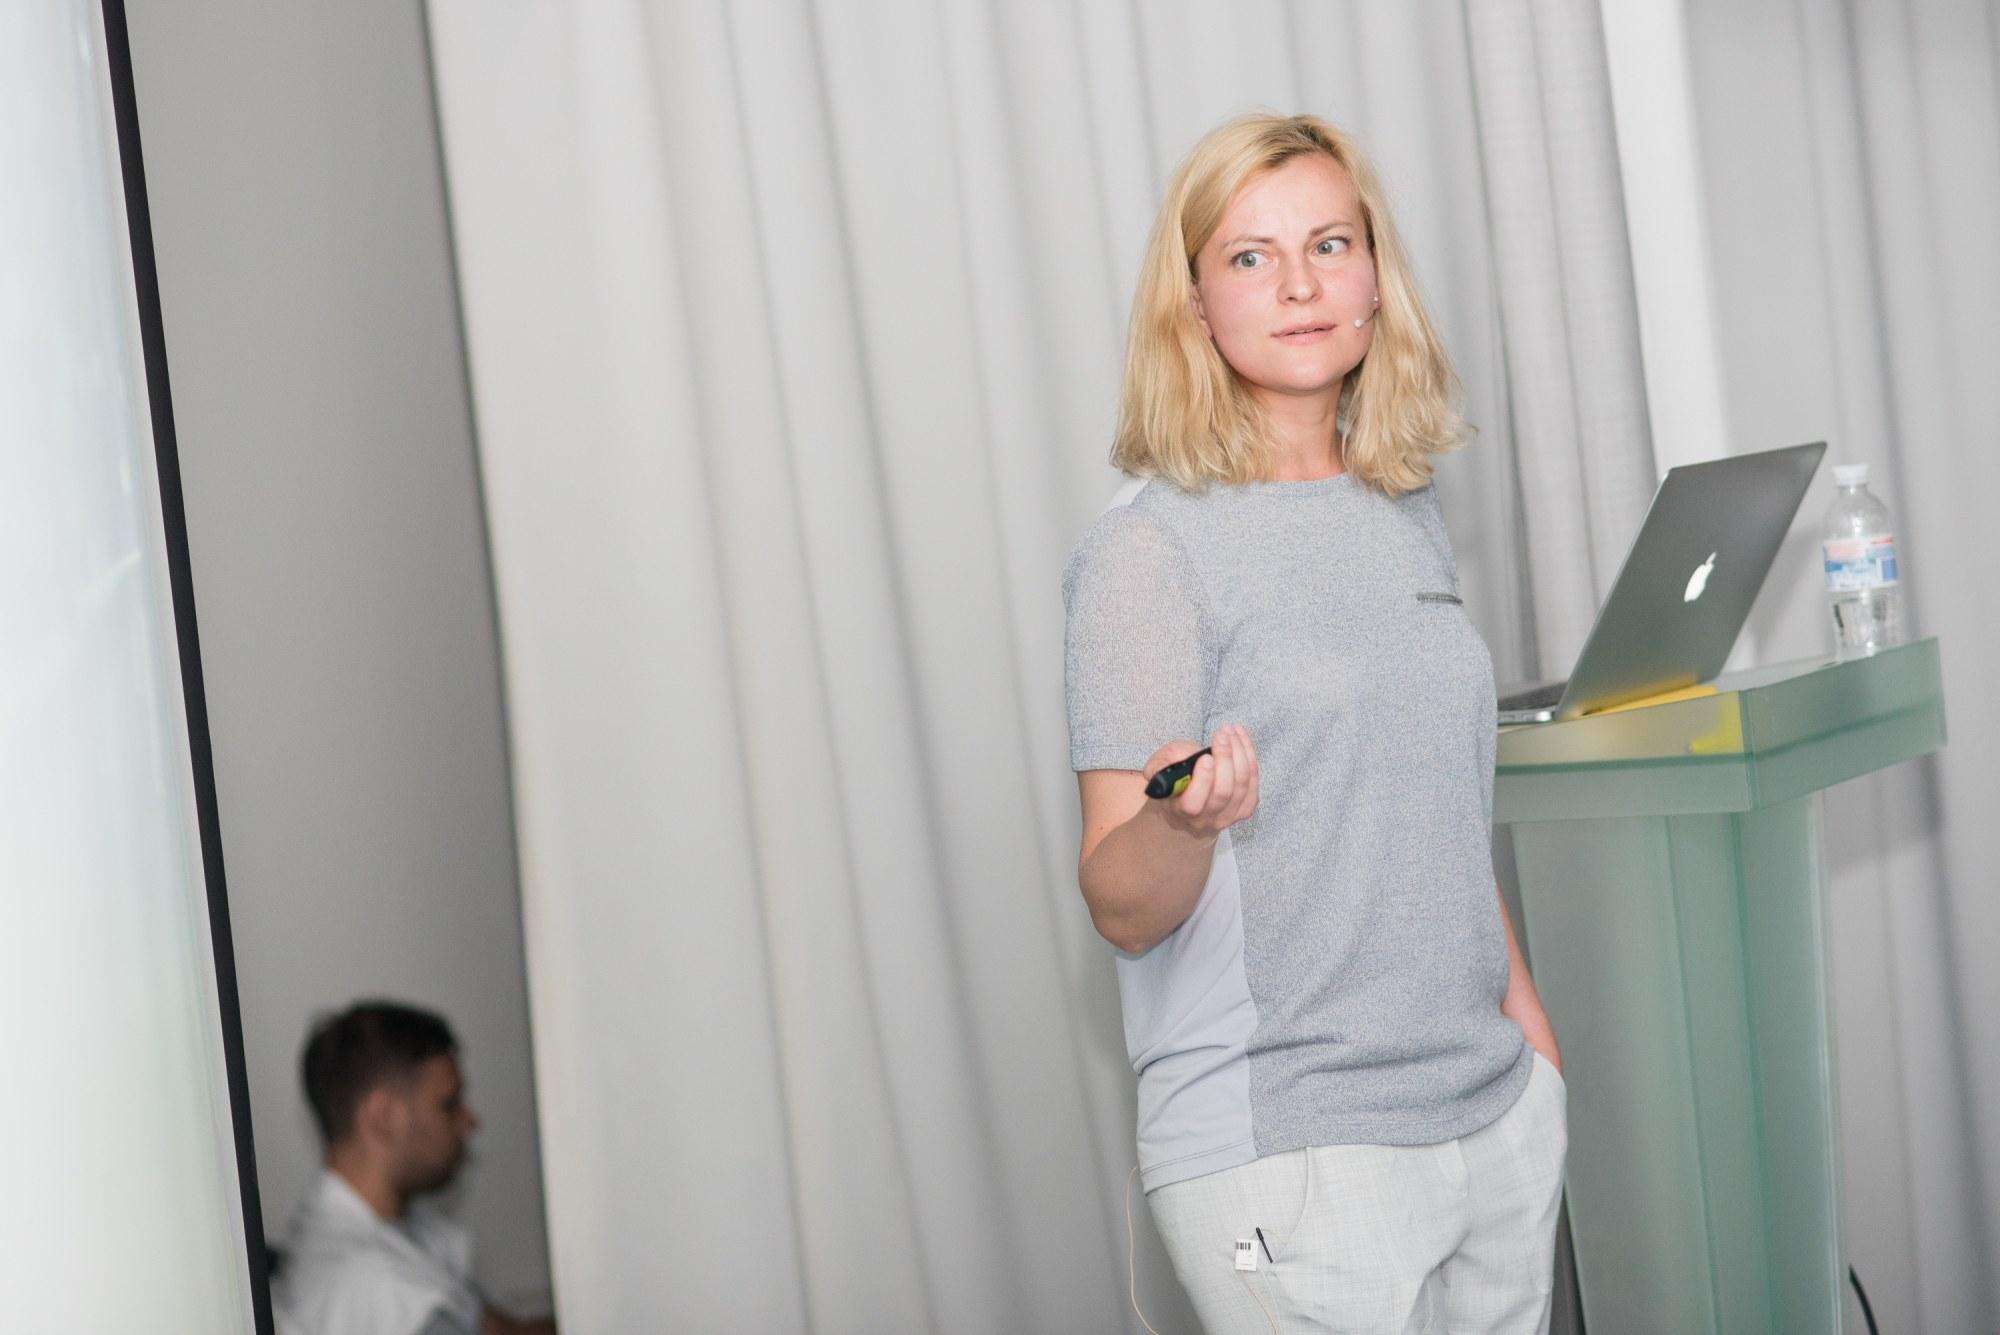 Юлия Кахановская / Yuliya Kahanovskaya